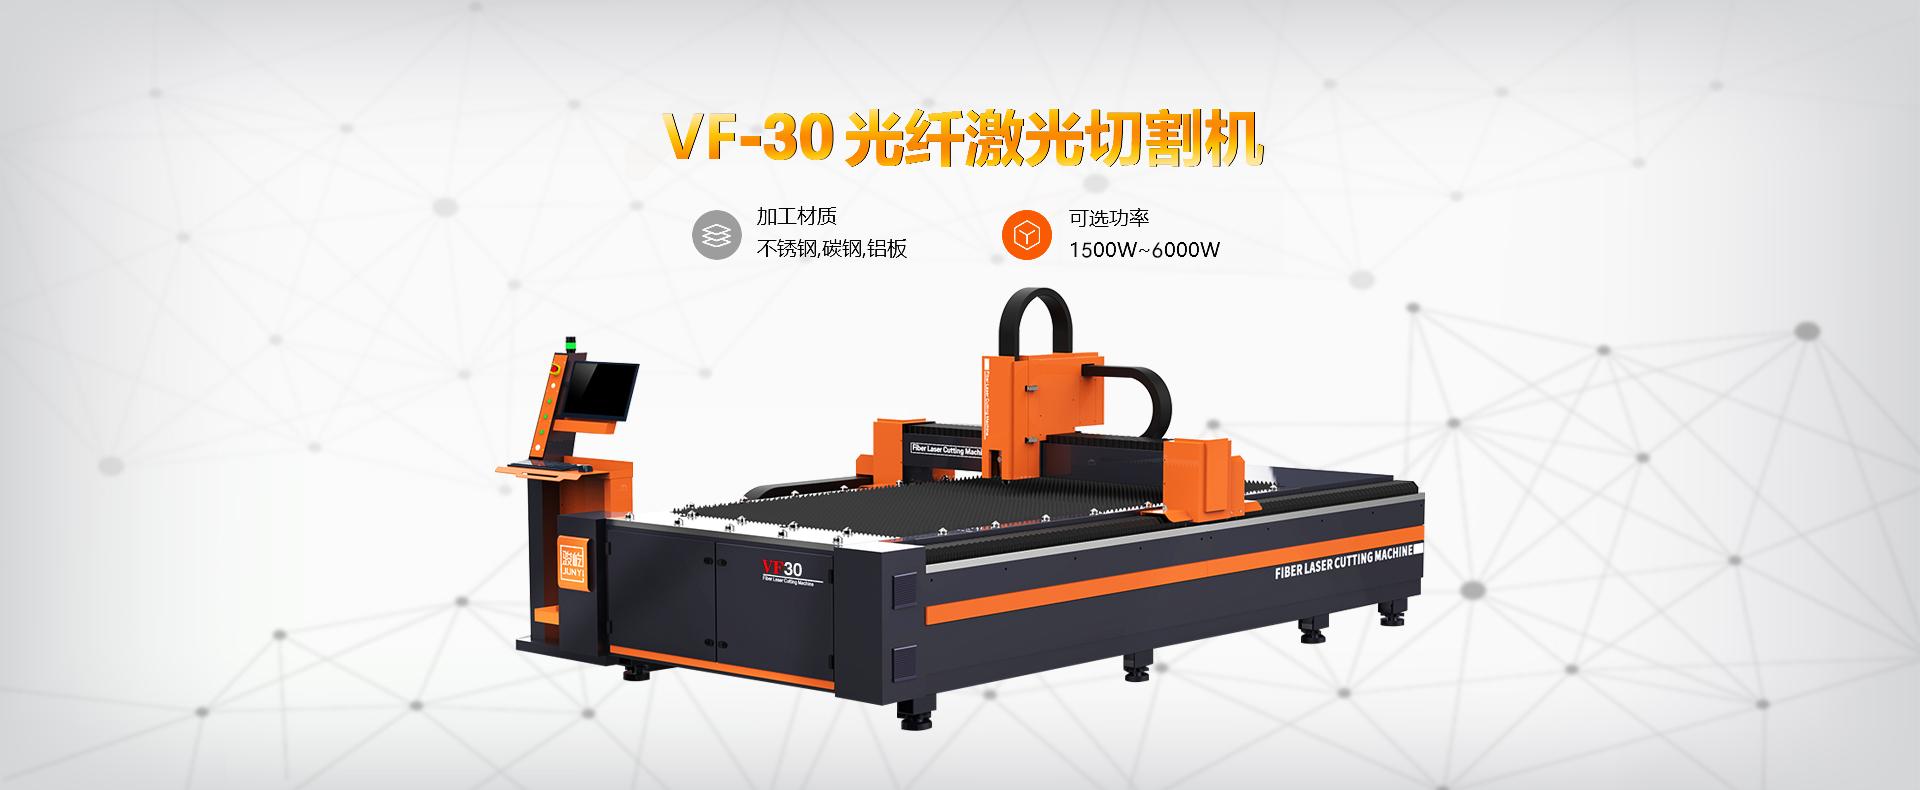 VF-3015光纤激光切割机